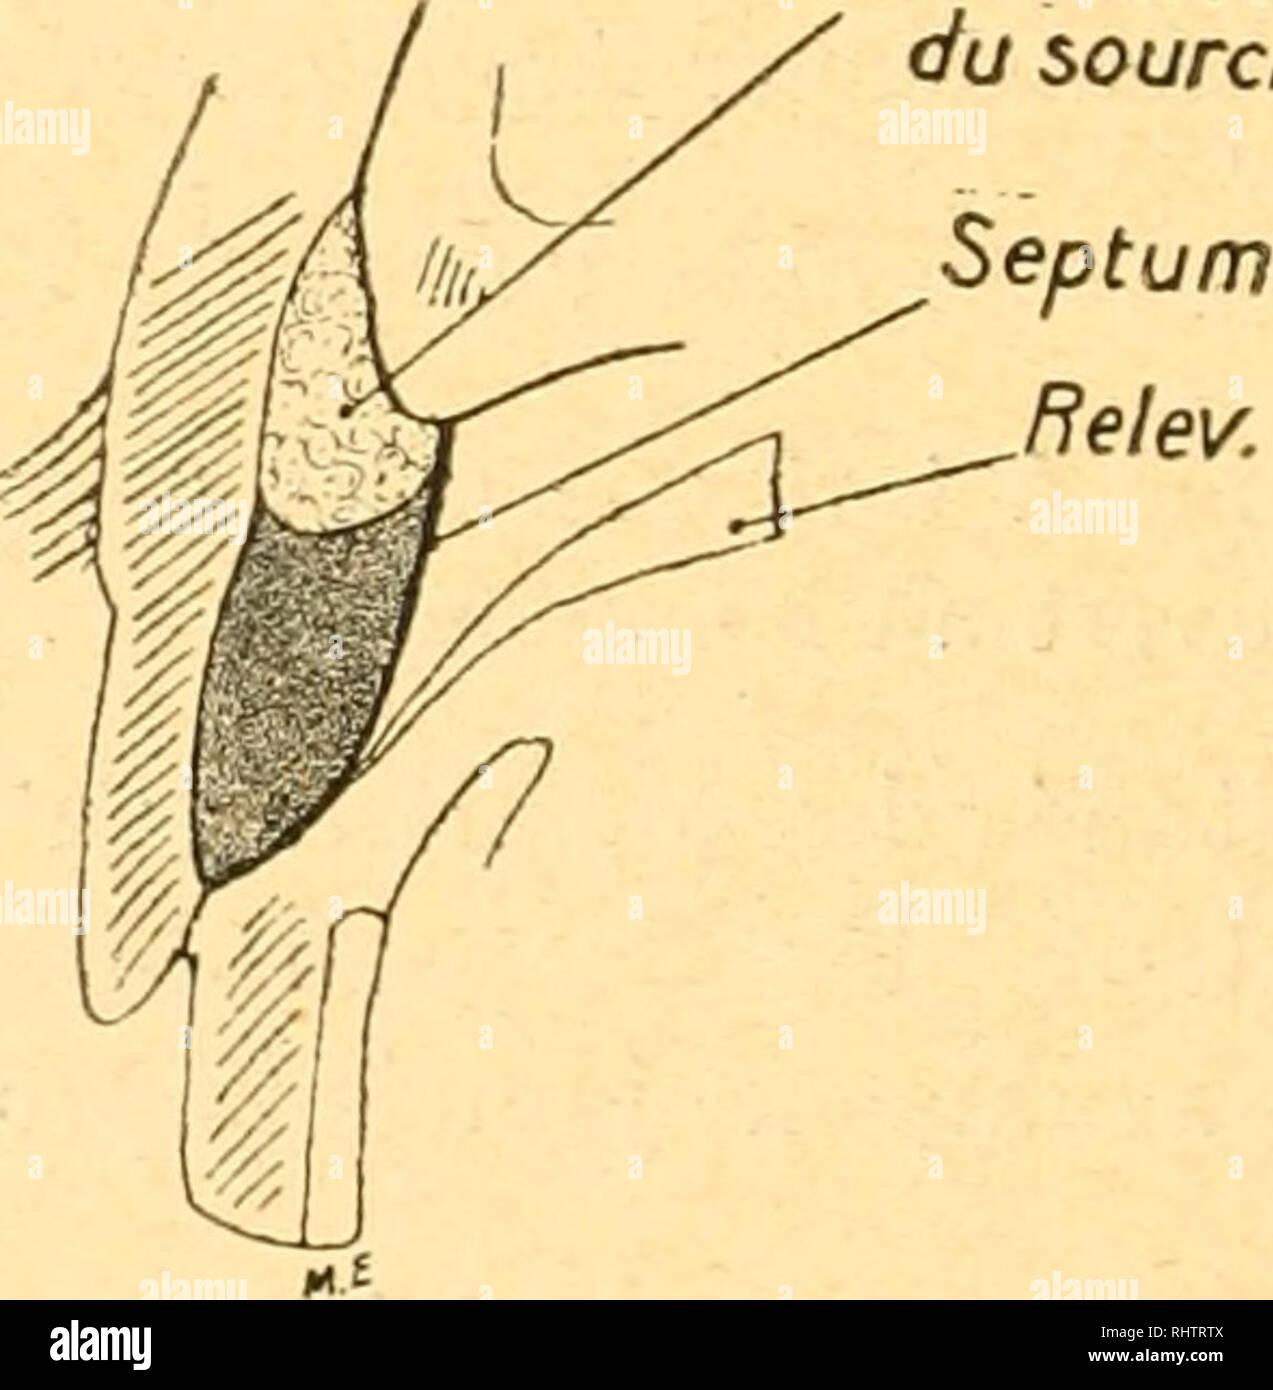 . Bibliographie anatomique. Human anatomy; Histology; Embryology, Human. Relev. Coussinet du sourcil. Fig. 2. â Injections superficielles. A. Injection aous-cutauée abondante simulant un Åil poché. L'injection faite en avant de l'orbiculaire a traveraé le muscle qui est noyé dans la masse. Une petite partie de l'injection, décolorée, a transsudé : en haut, en ar- rière du Â«eptiim orbitaire, le long de son accolemi-nt au releveur; en bas, en avant du tarse, B. Injection sous-mnsculaire danÂ« l'espace préseptal. L'injection, poussée en très petite quantité, est contenue entre le cou Stock Photo